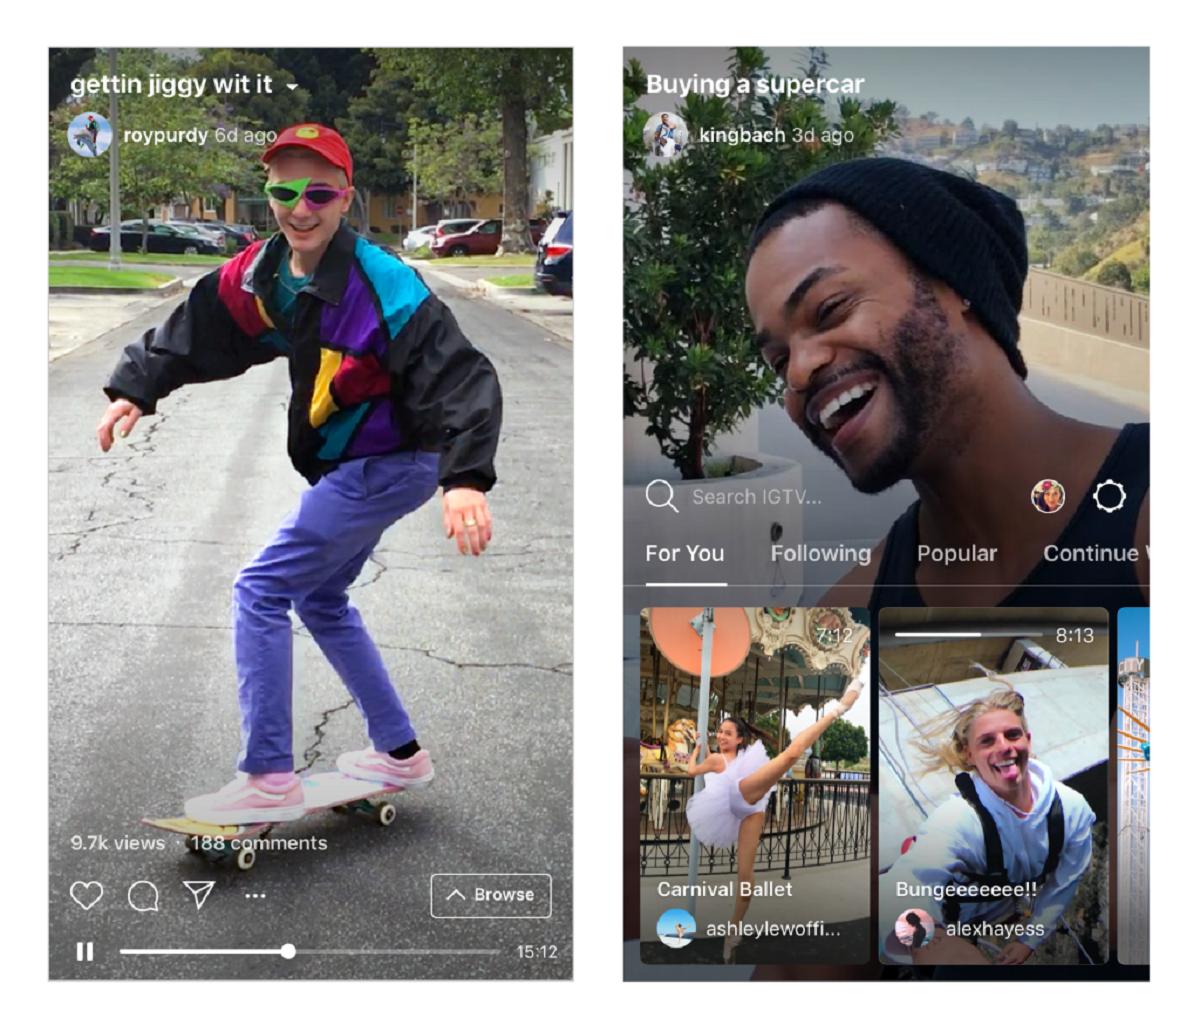 Uživatelé mohou vyhledávat videa ve čtyřech různých kategoriích